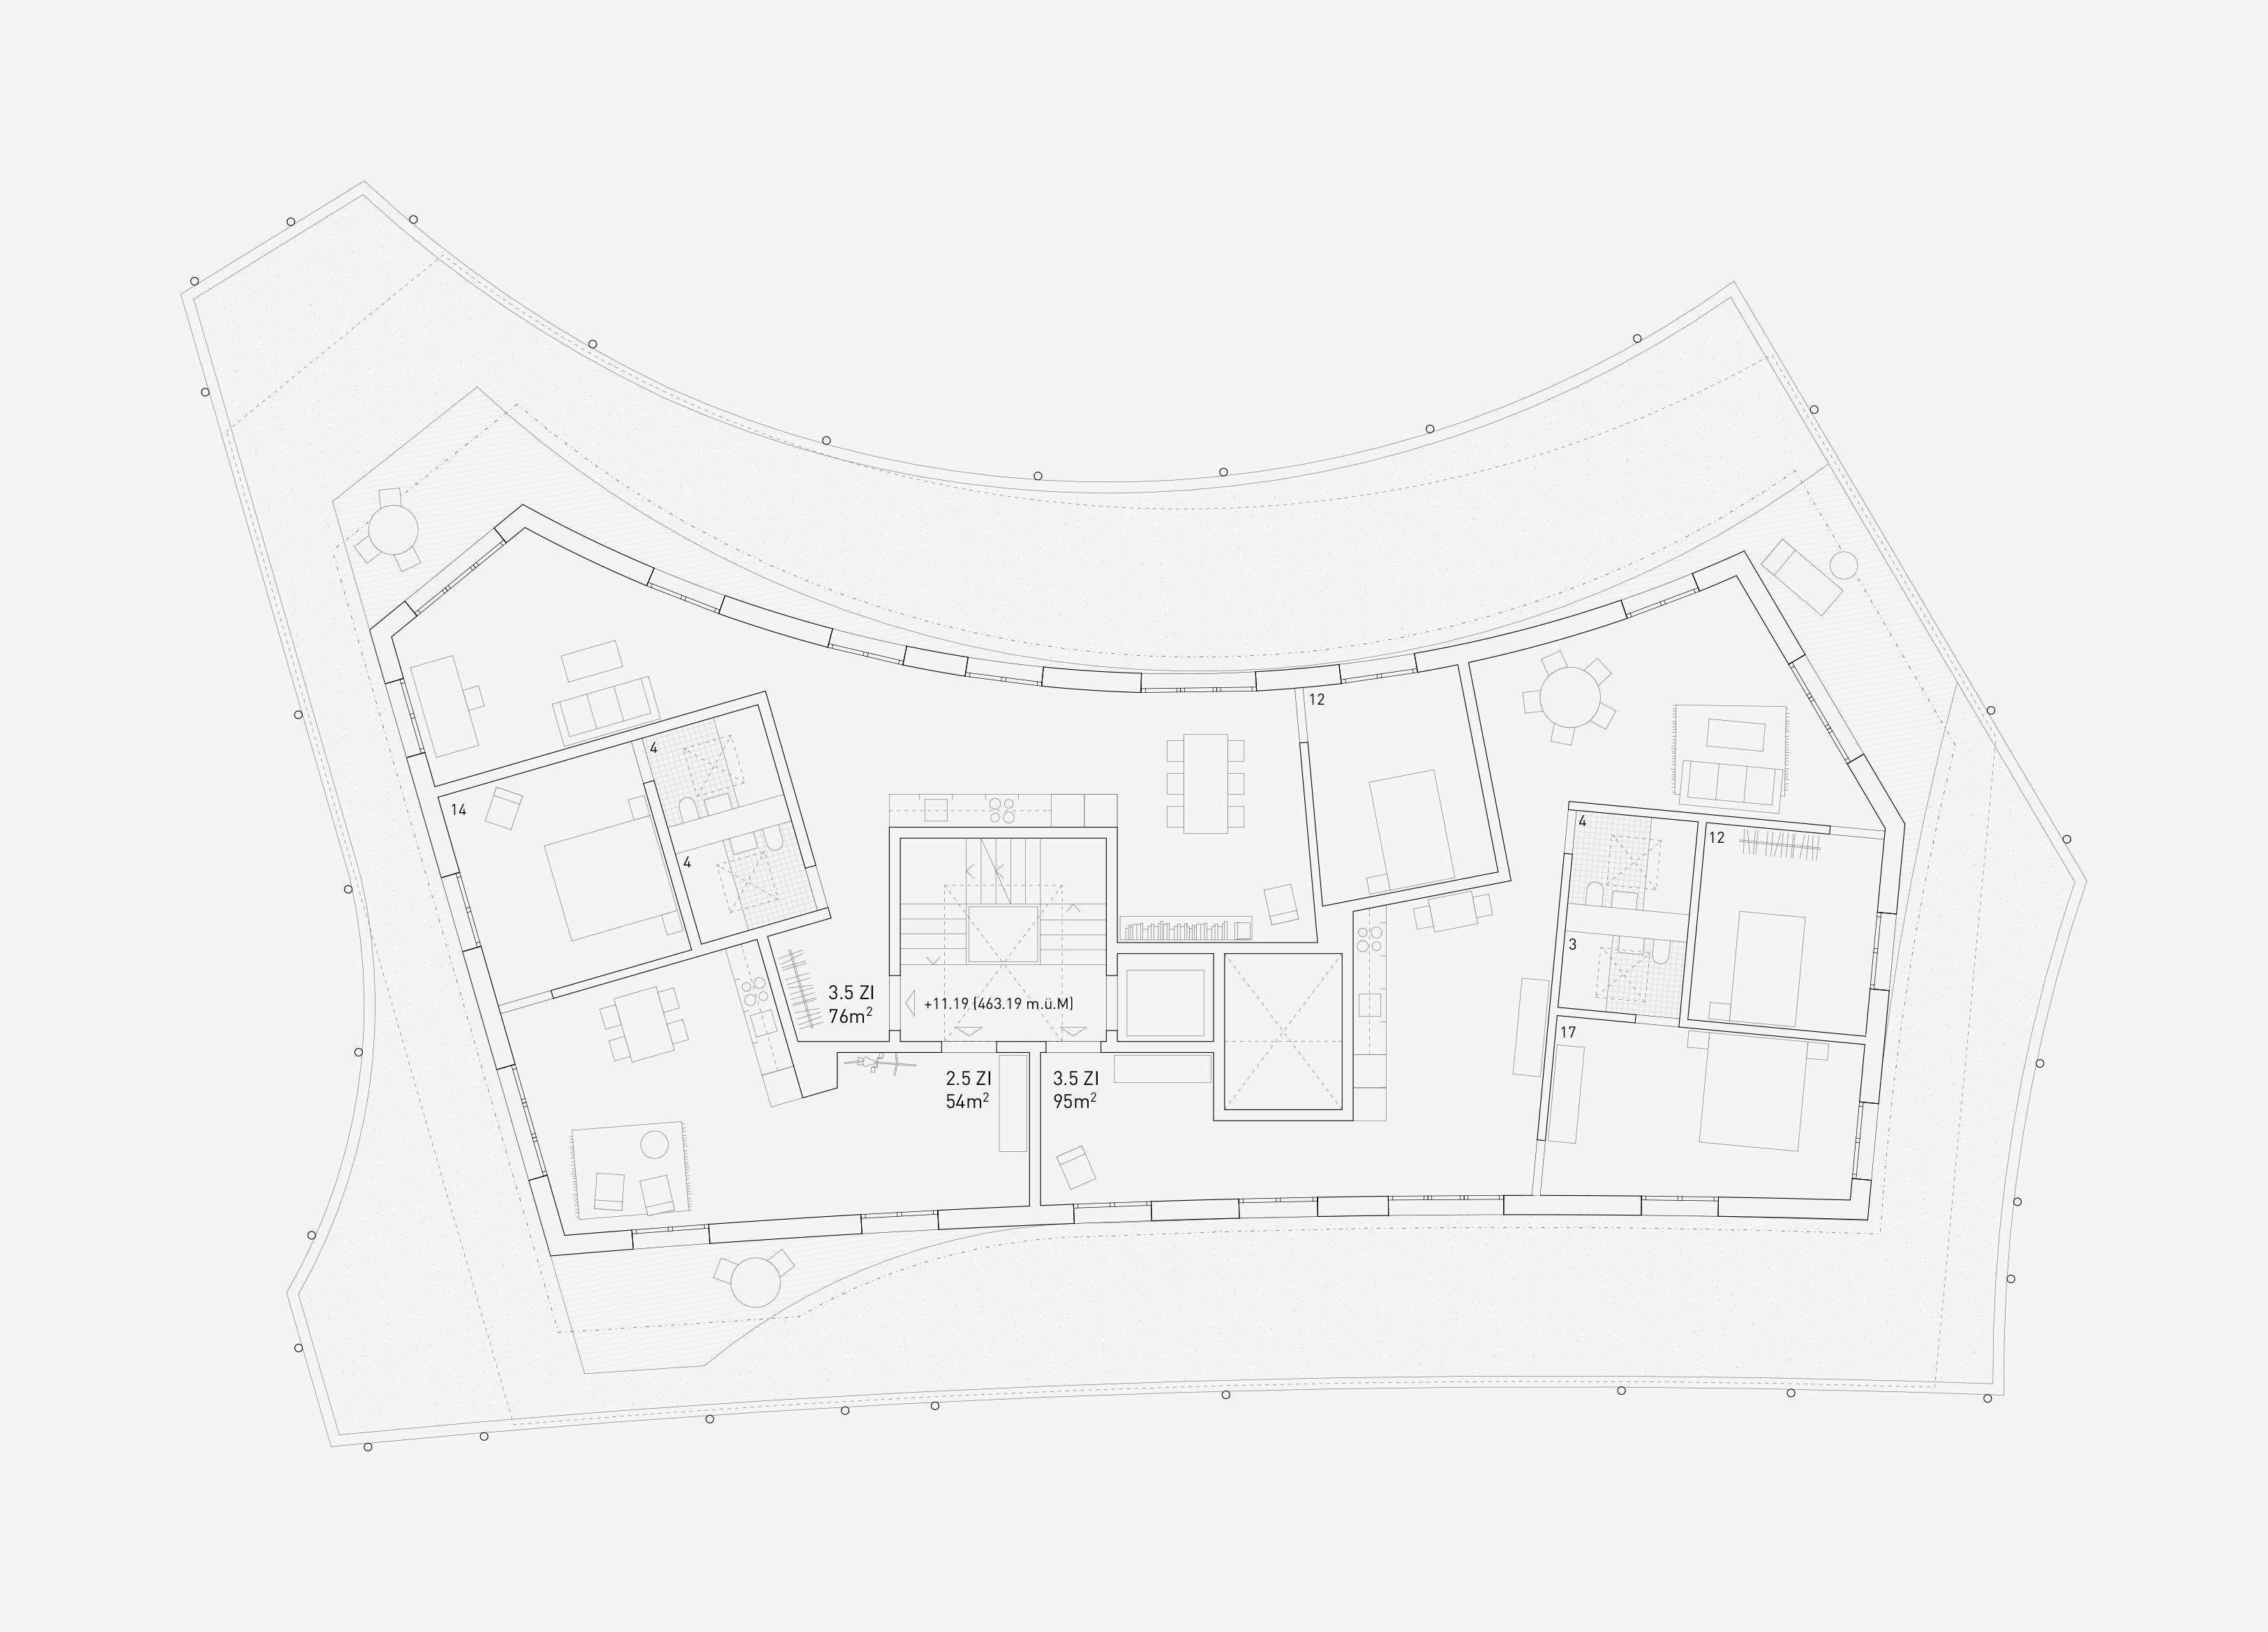 Neubau Wohnhaus Forelhausstiftung Zürich: Dachgeschoss